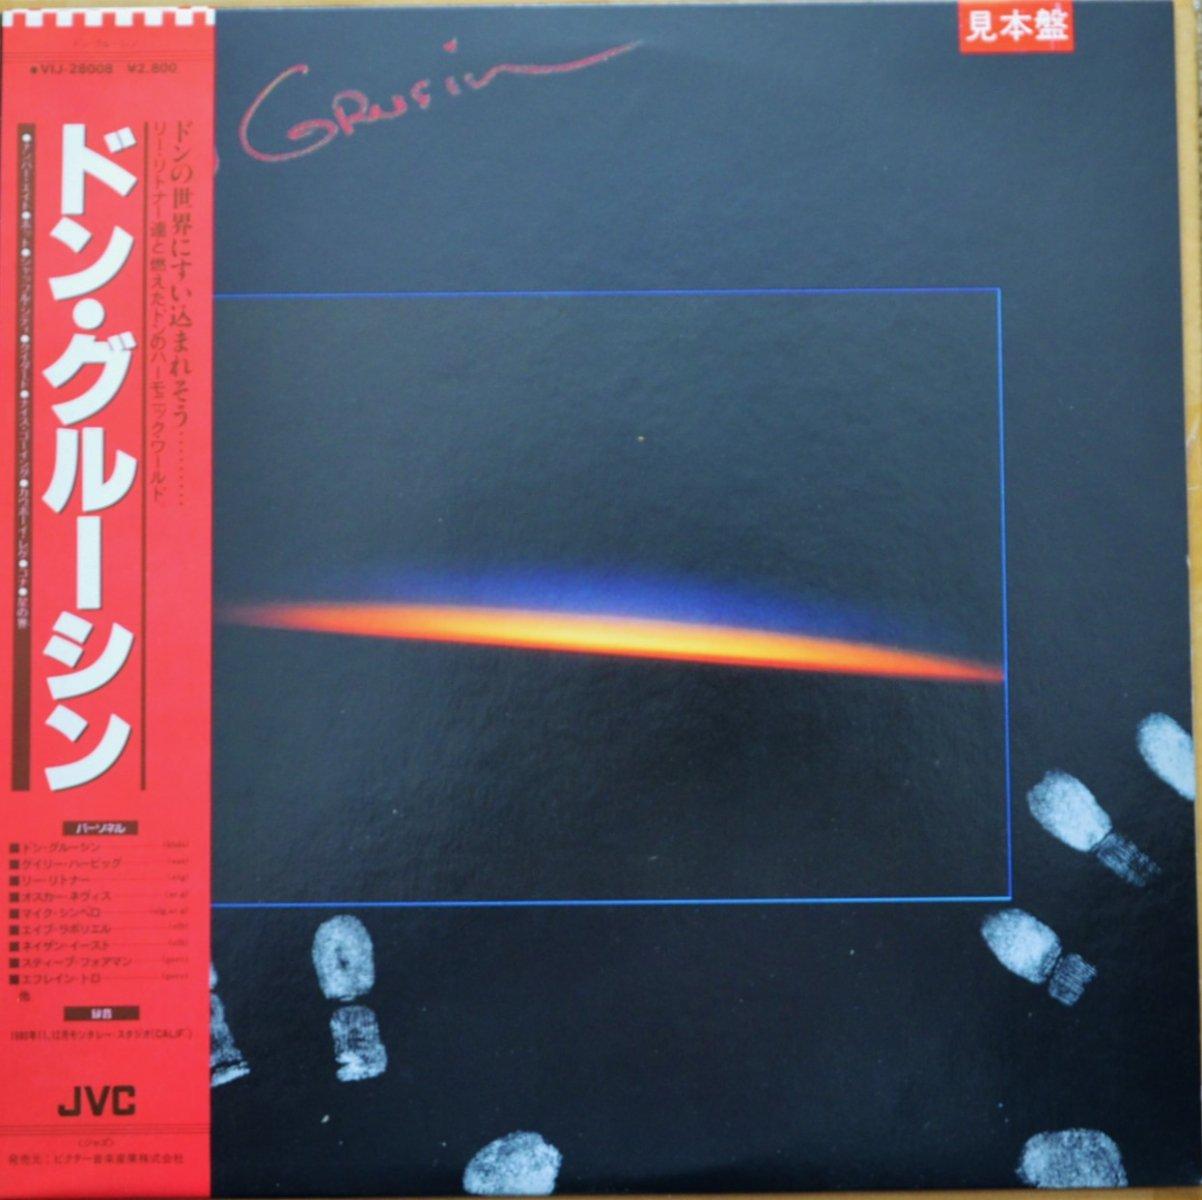 ドン・グルーシン / DON GRUSIN (LP)